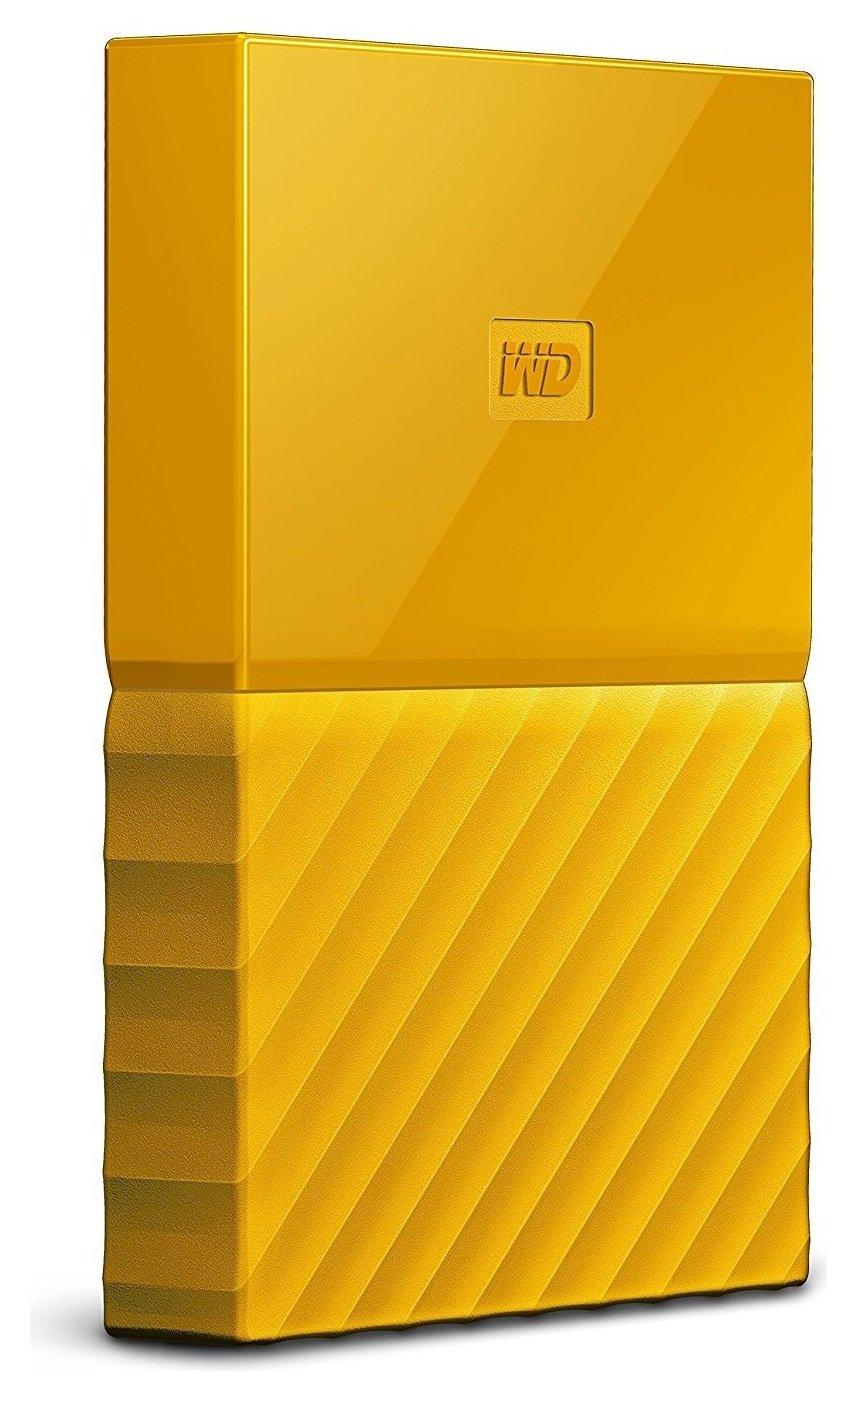 WD 2TB My Passport Yellow